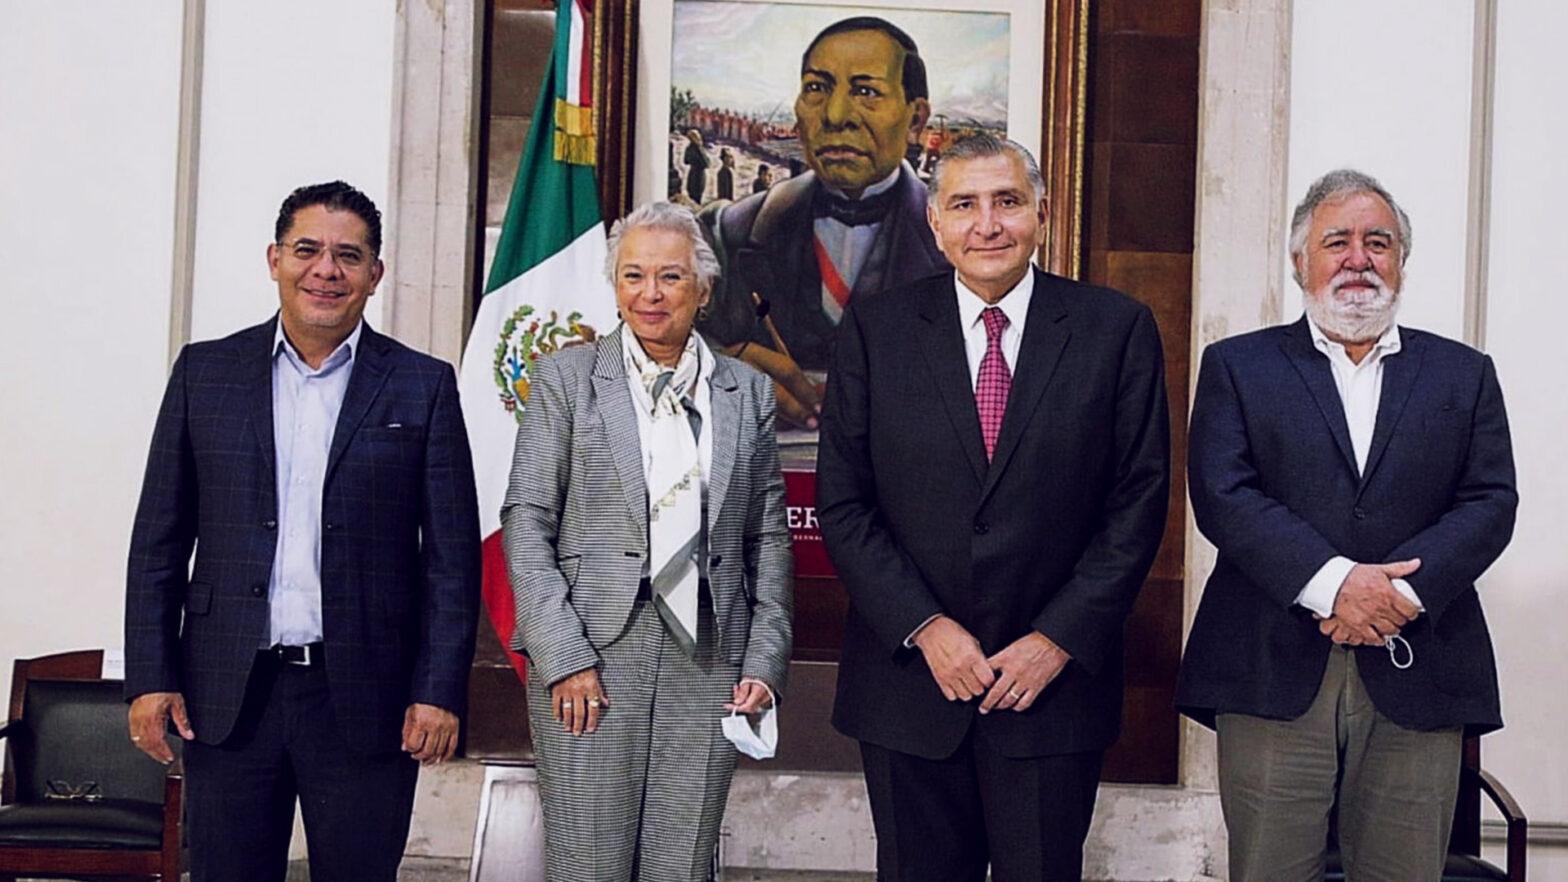 Adán Augusto López Hernández asumió la Secretaría de Gobernación (Segob), en sustitución de la ministra en retiro Olga Sánchez Cordero